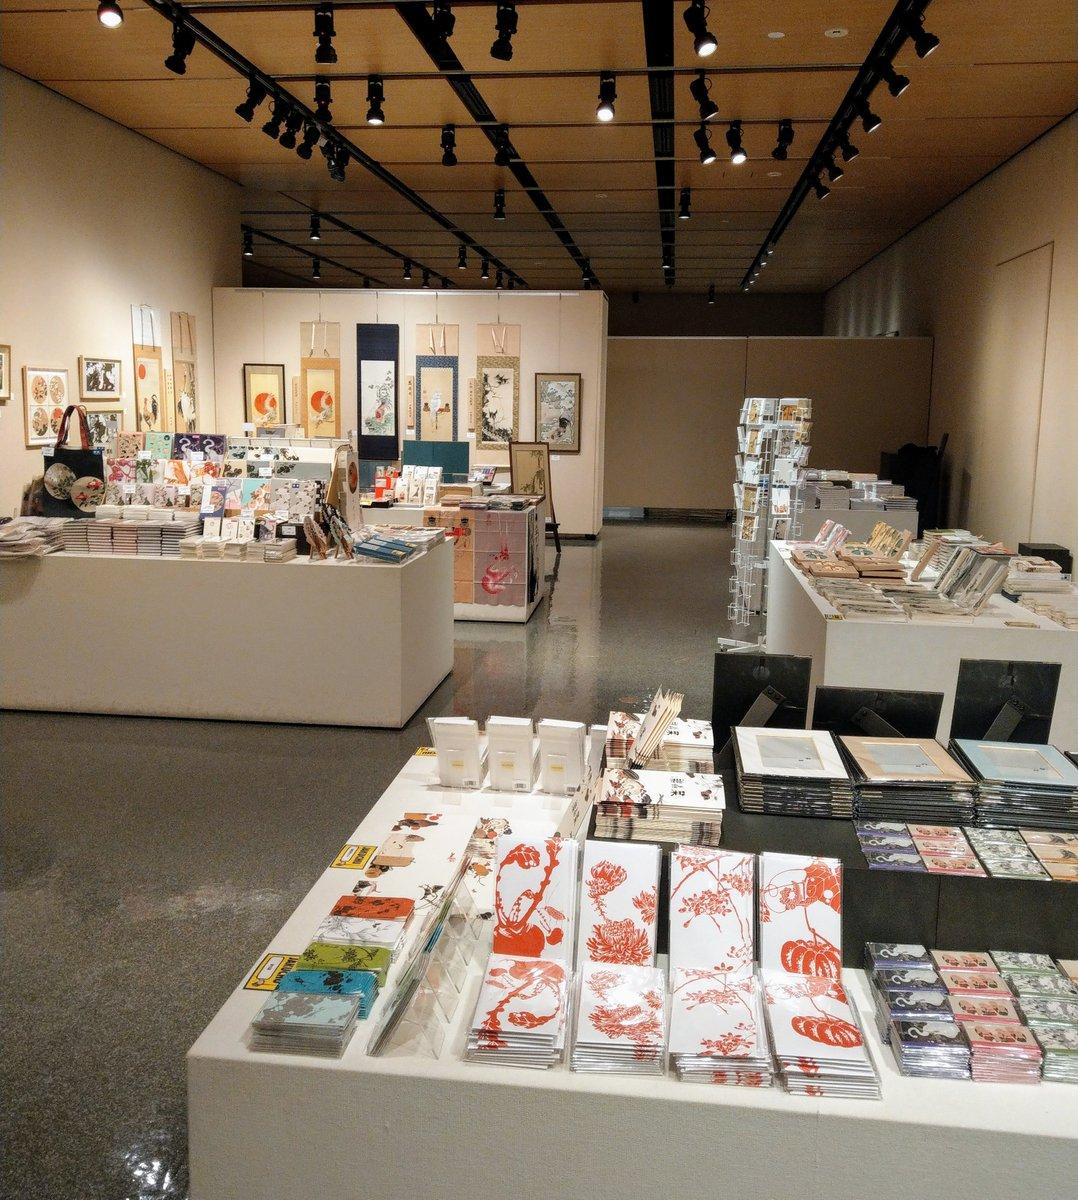 RT @JakuchuO: グッズコーナーも設営完了しました。ぜひお立ち寄りください。  #福島県立美術館 #伊藤若冲展 #ガチャガチャ #複製画 https://t.co/tIVKUsE4JH